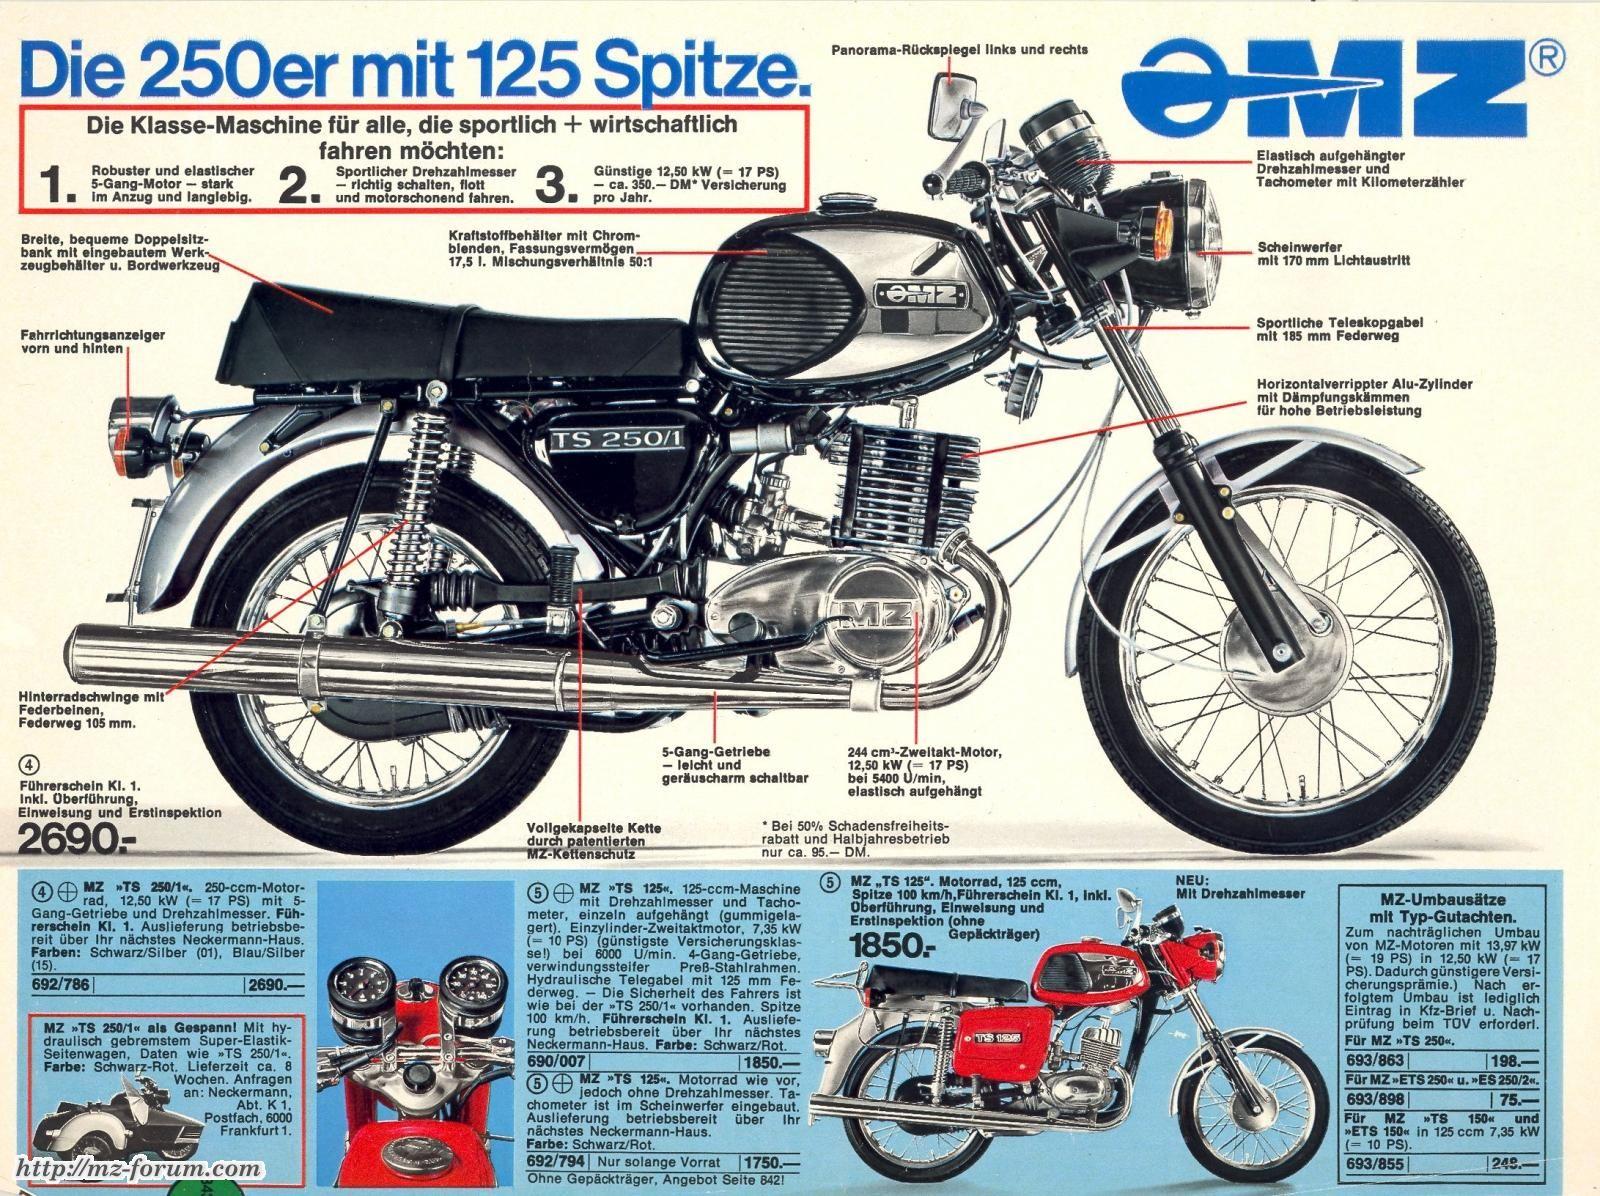 mz-ts 250/1 - Album | Simson/IFA | Pinterest | Motorräder, Ddr und ...